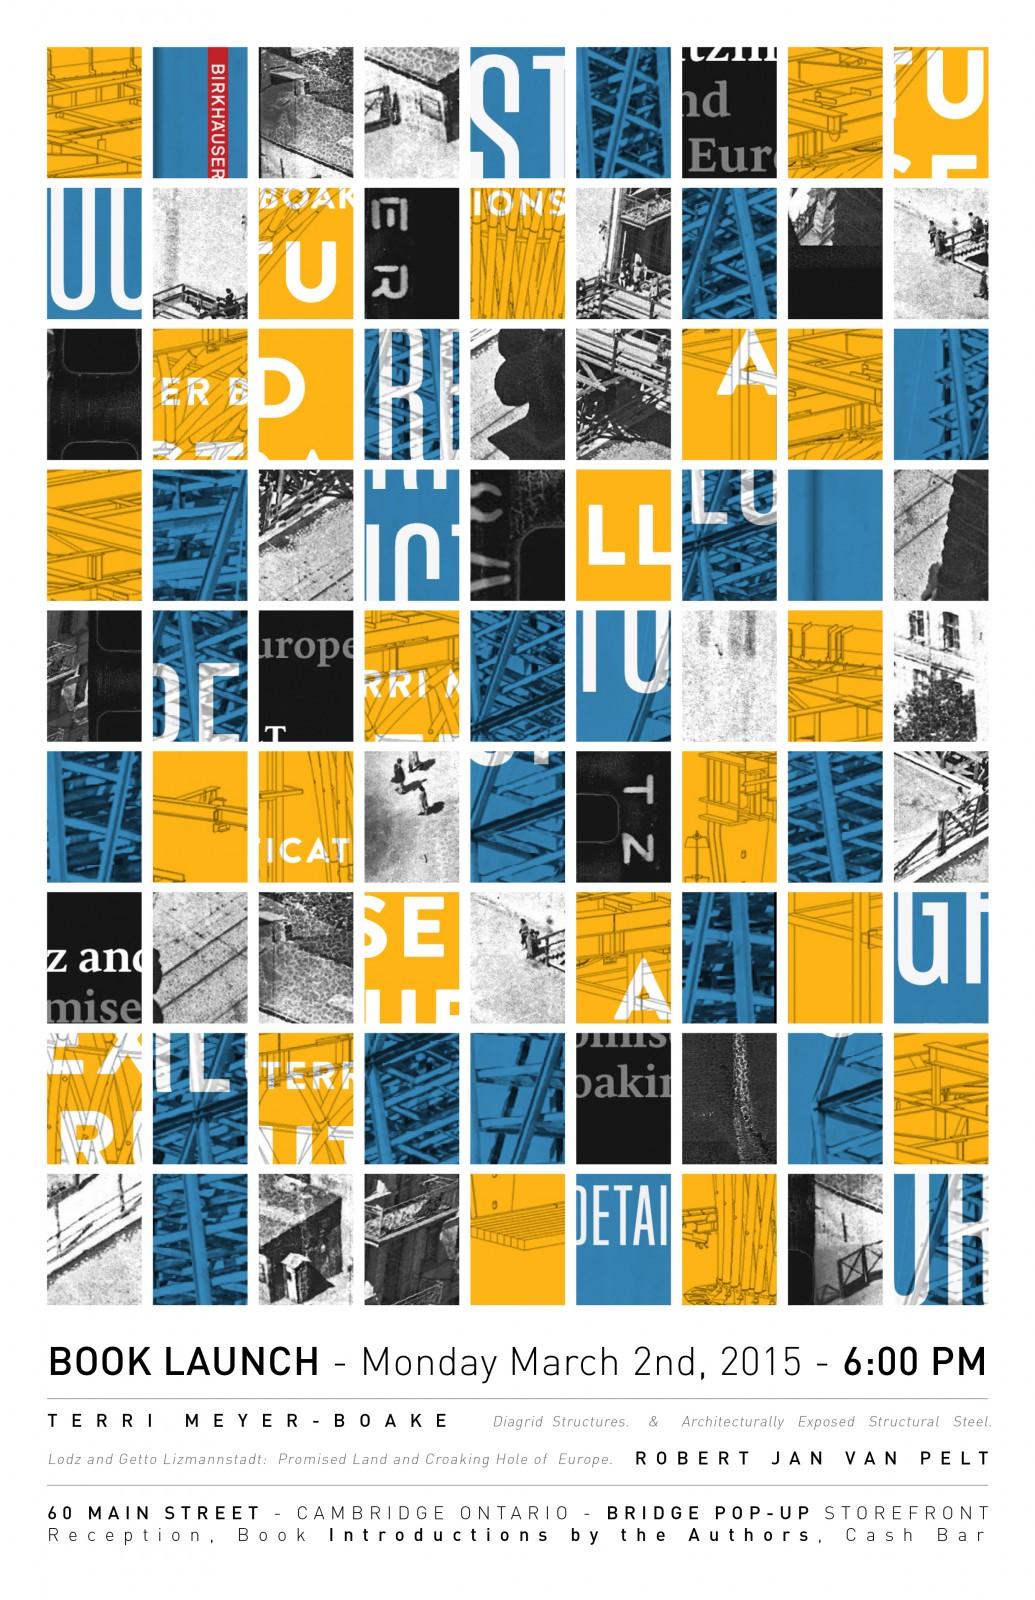 Book Launch_TMB_RJVP_poster_FINALhigh